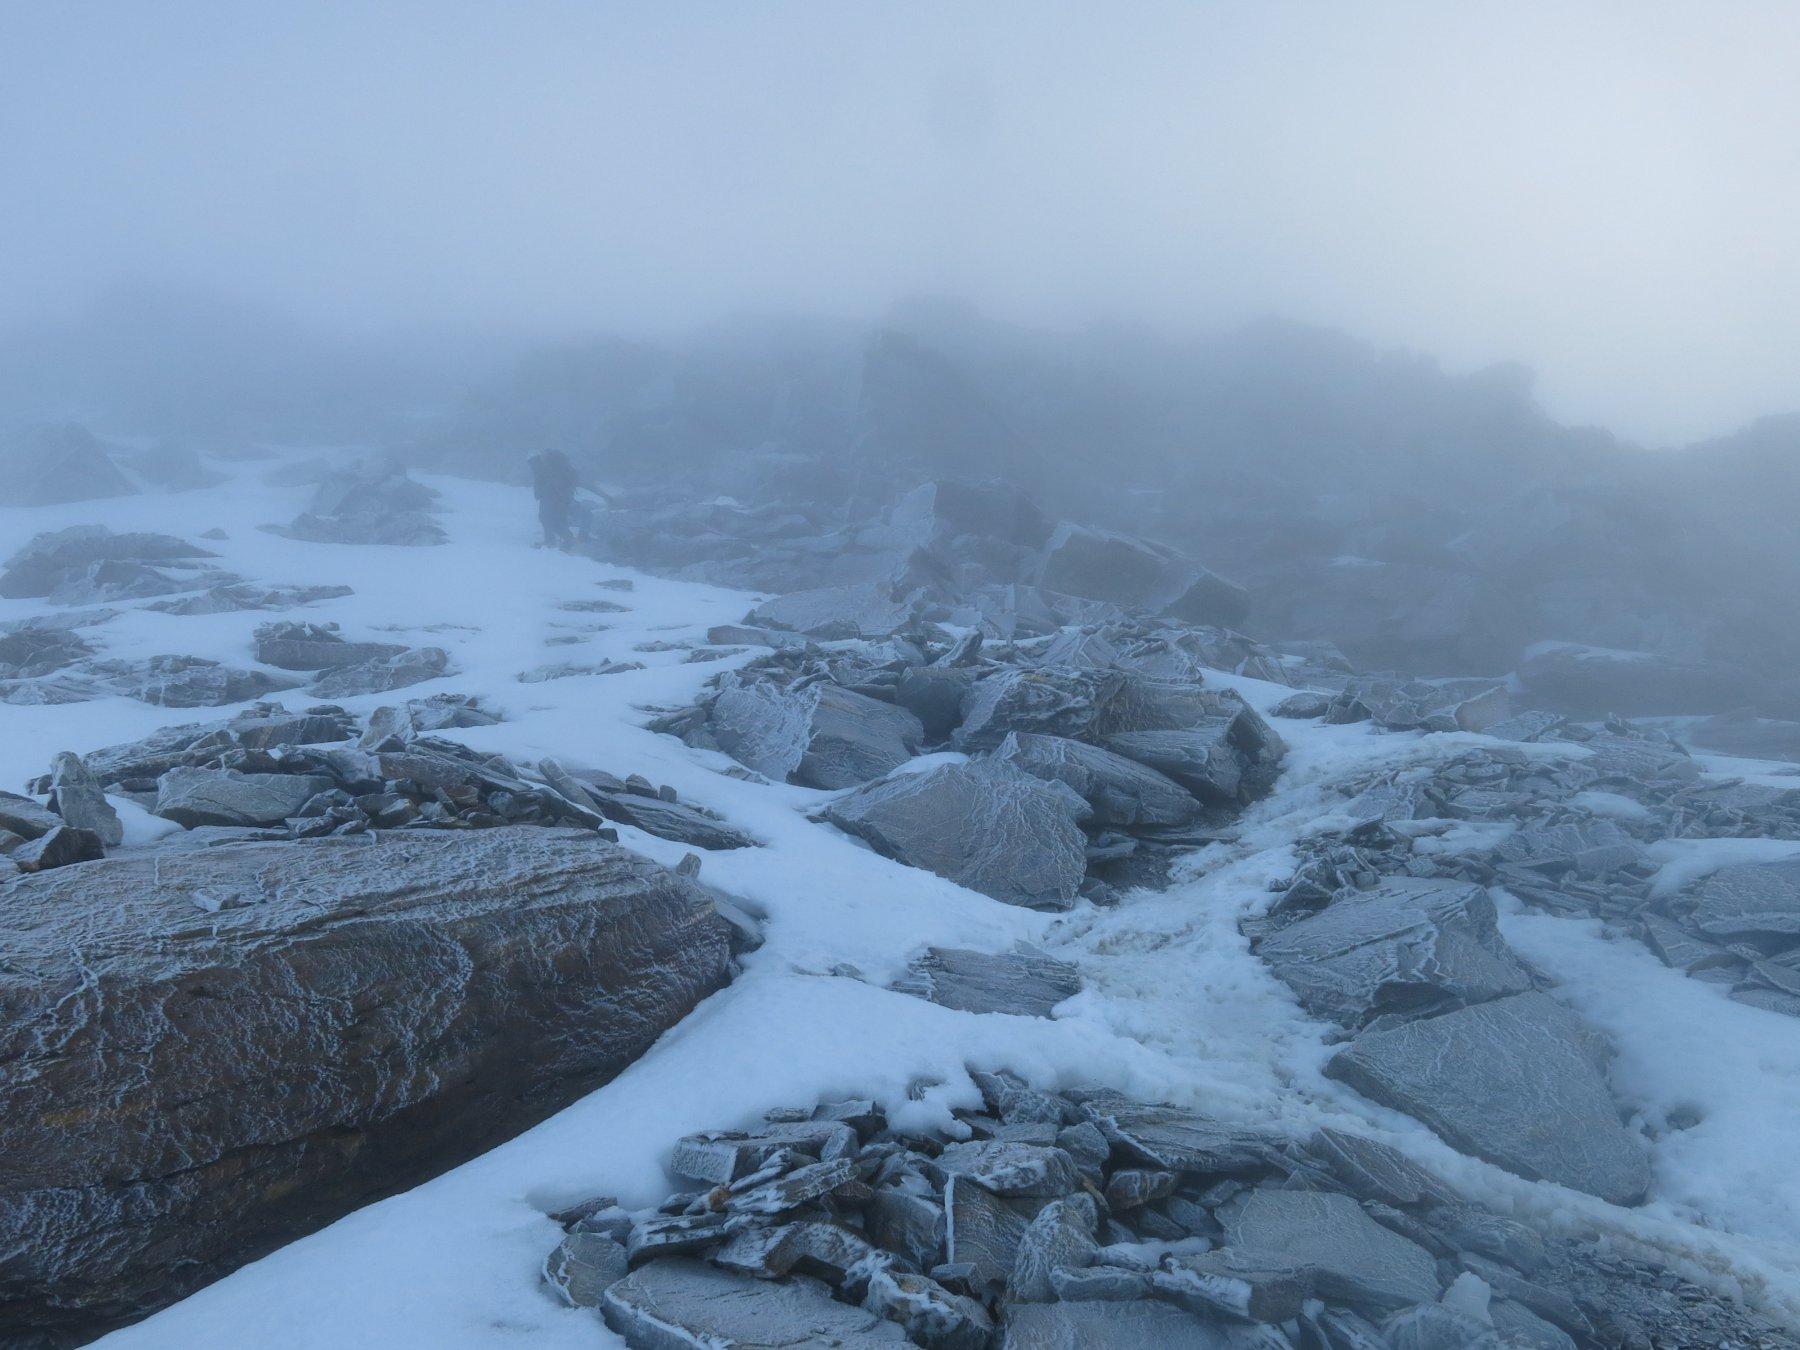 L'ambiente surreale incrostato di ghiaccio incontrato da quota 3750m